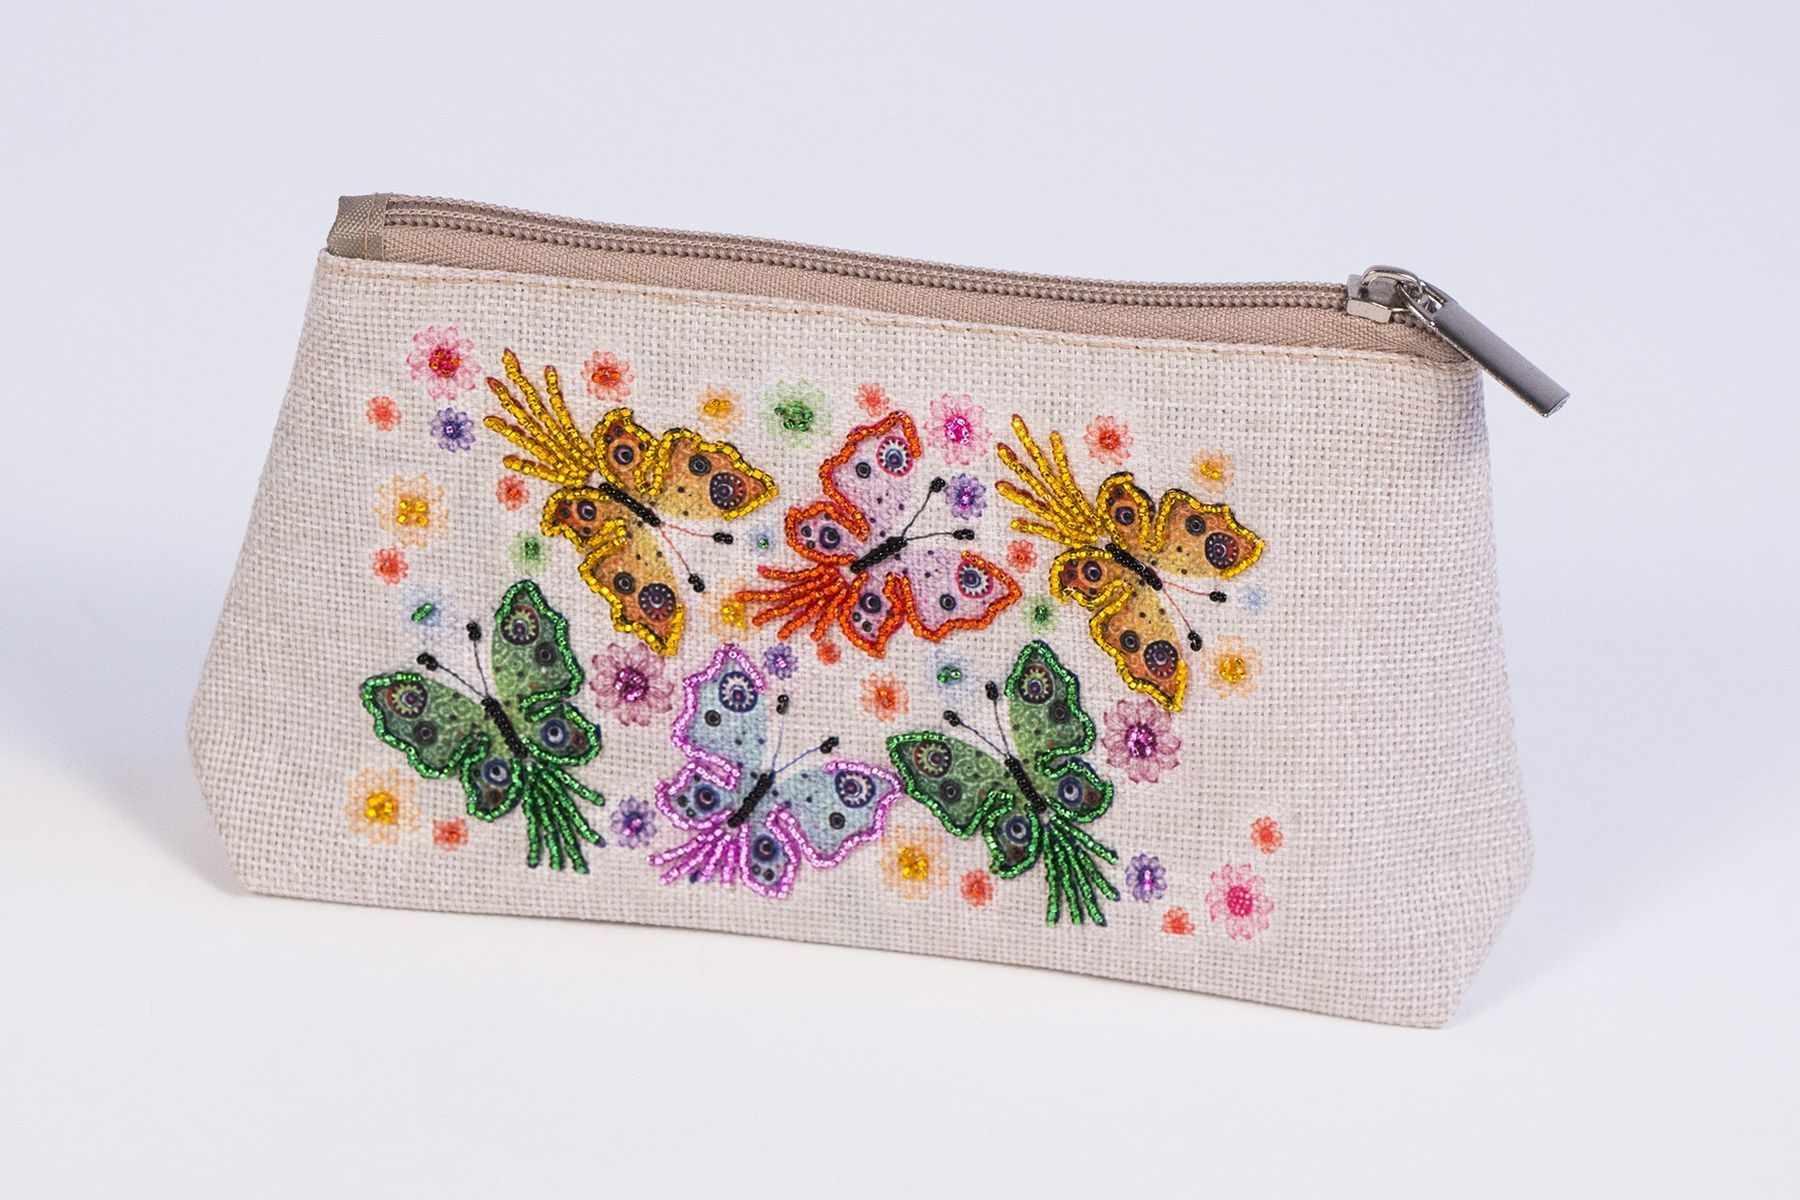 8544 Полет бабочек - набор для вышивания